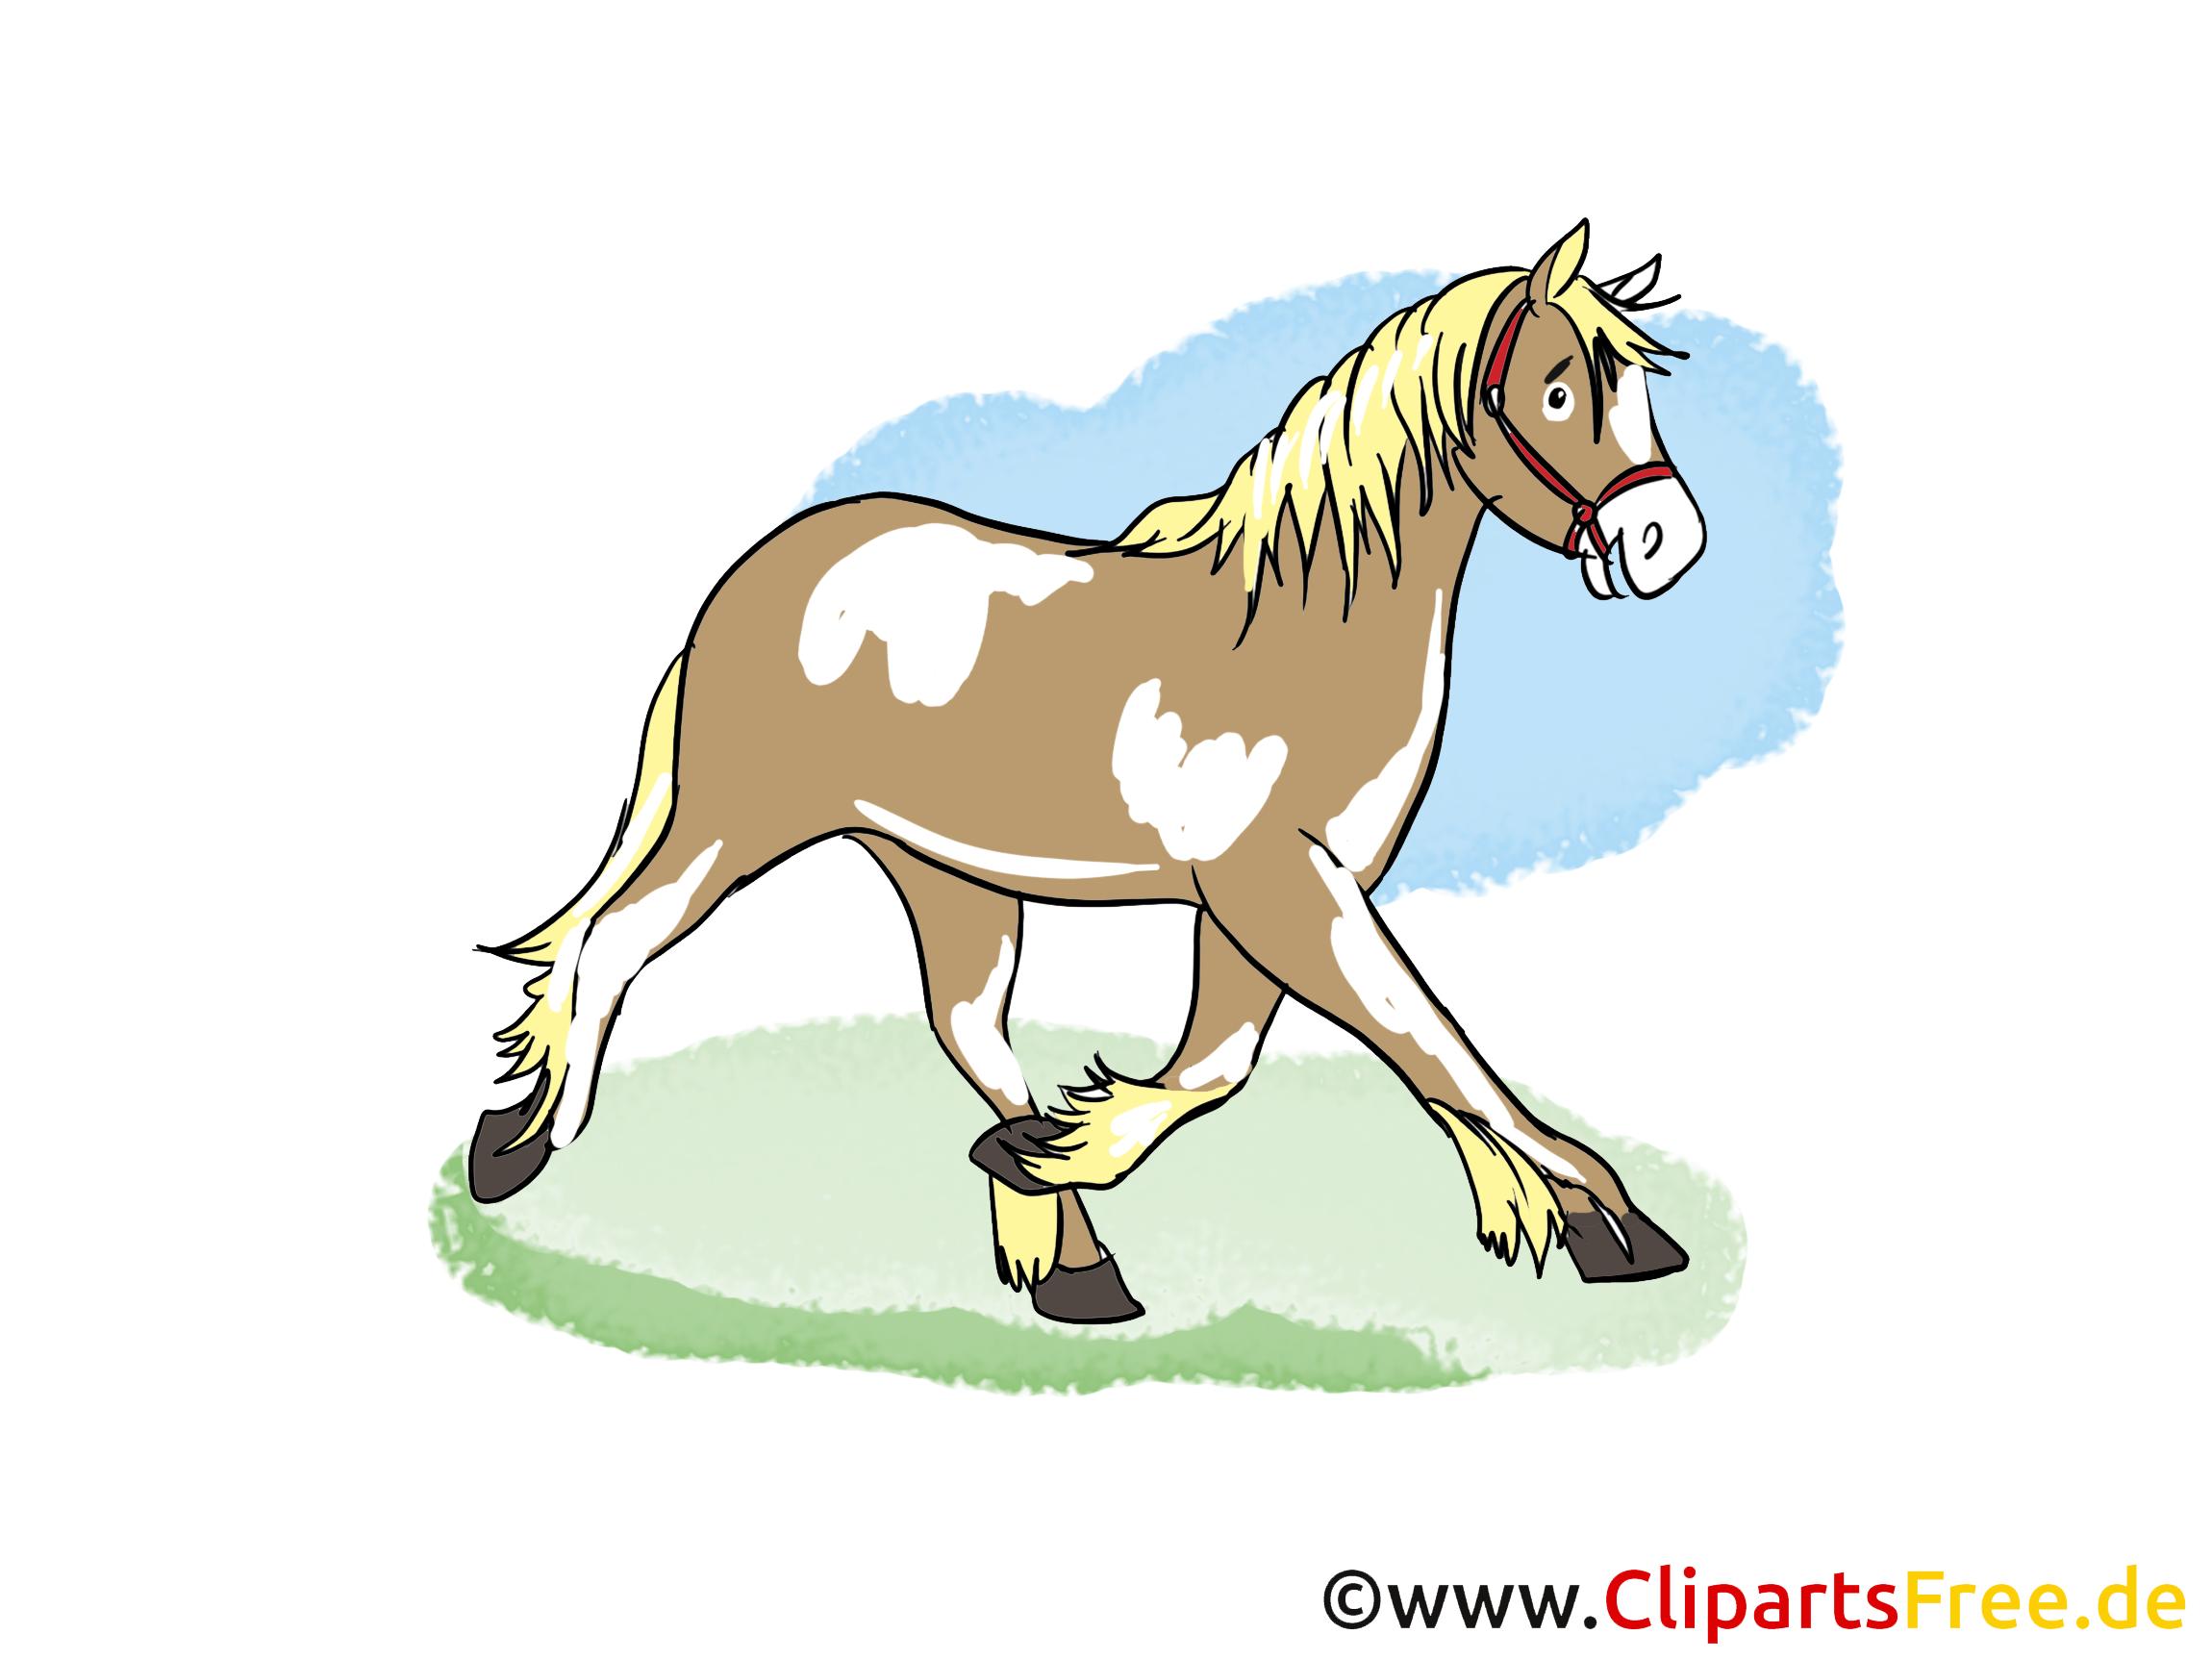 Clipart Cheval Gratuit illustration gratuite cheval clipart - chevaux dessin, picture